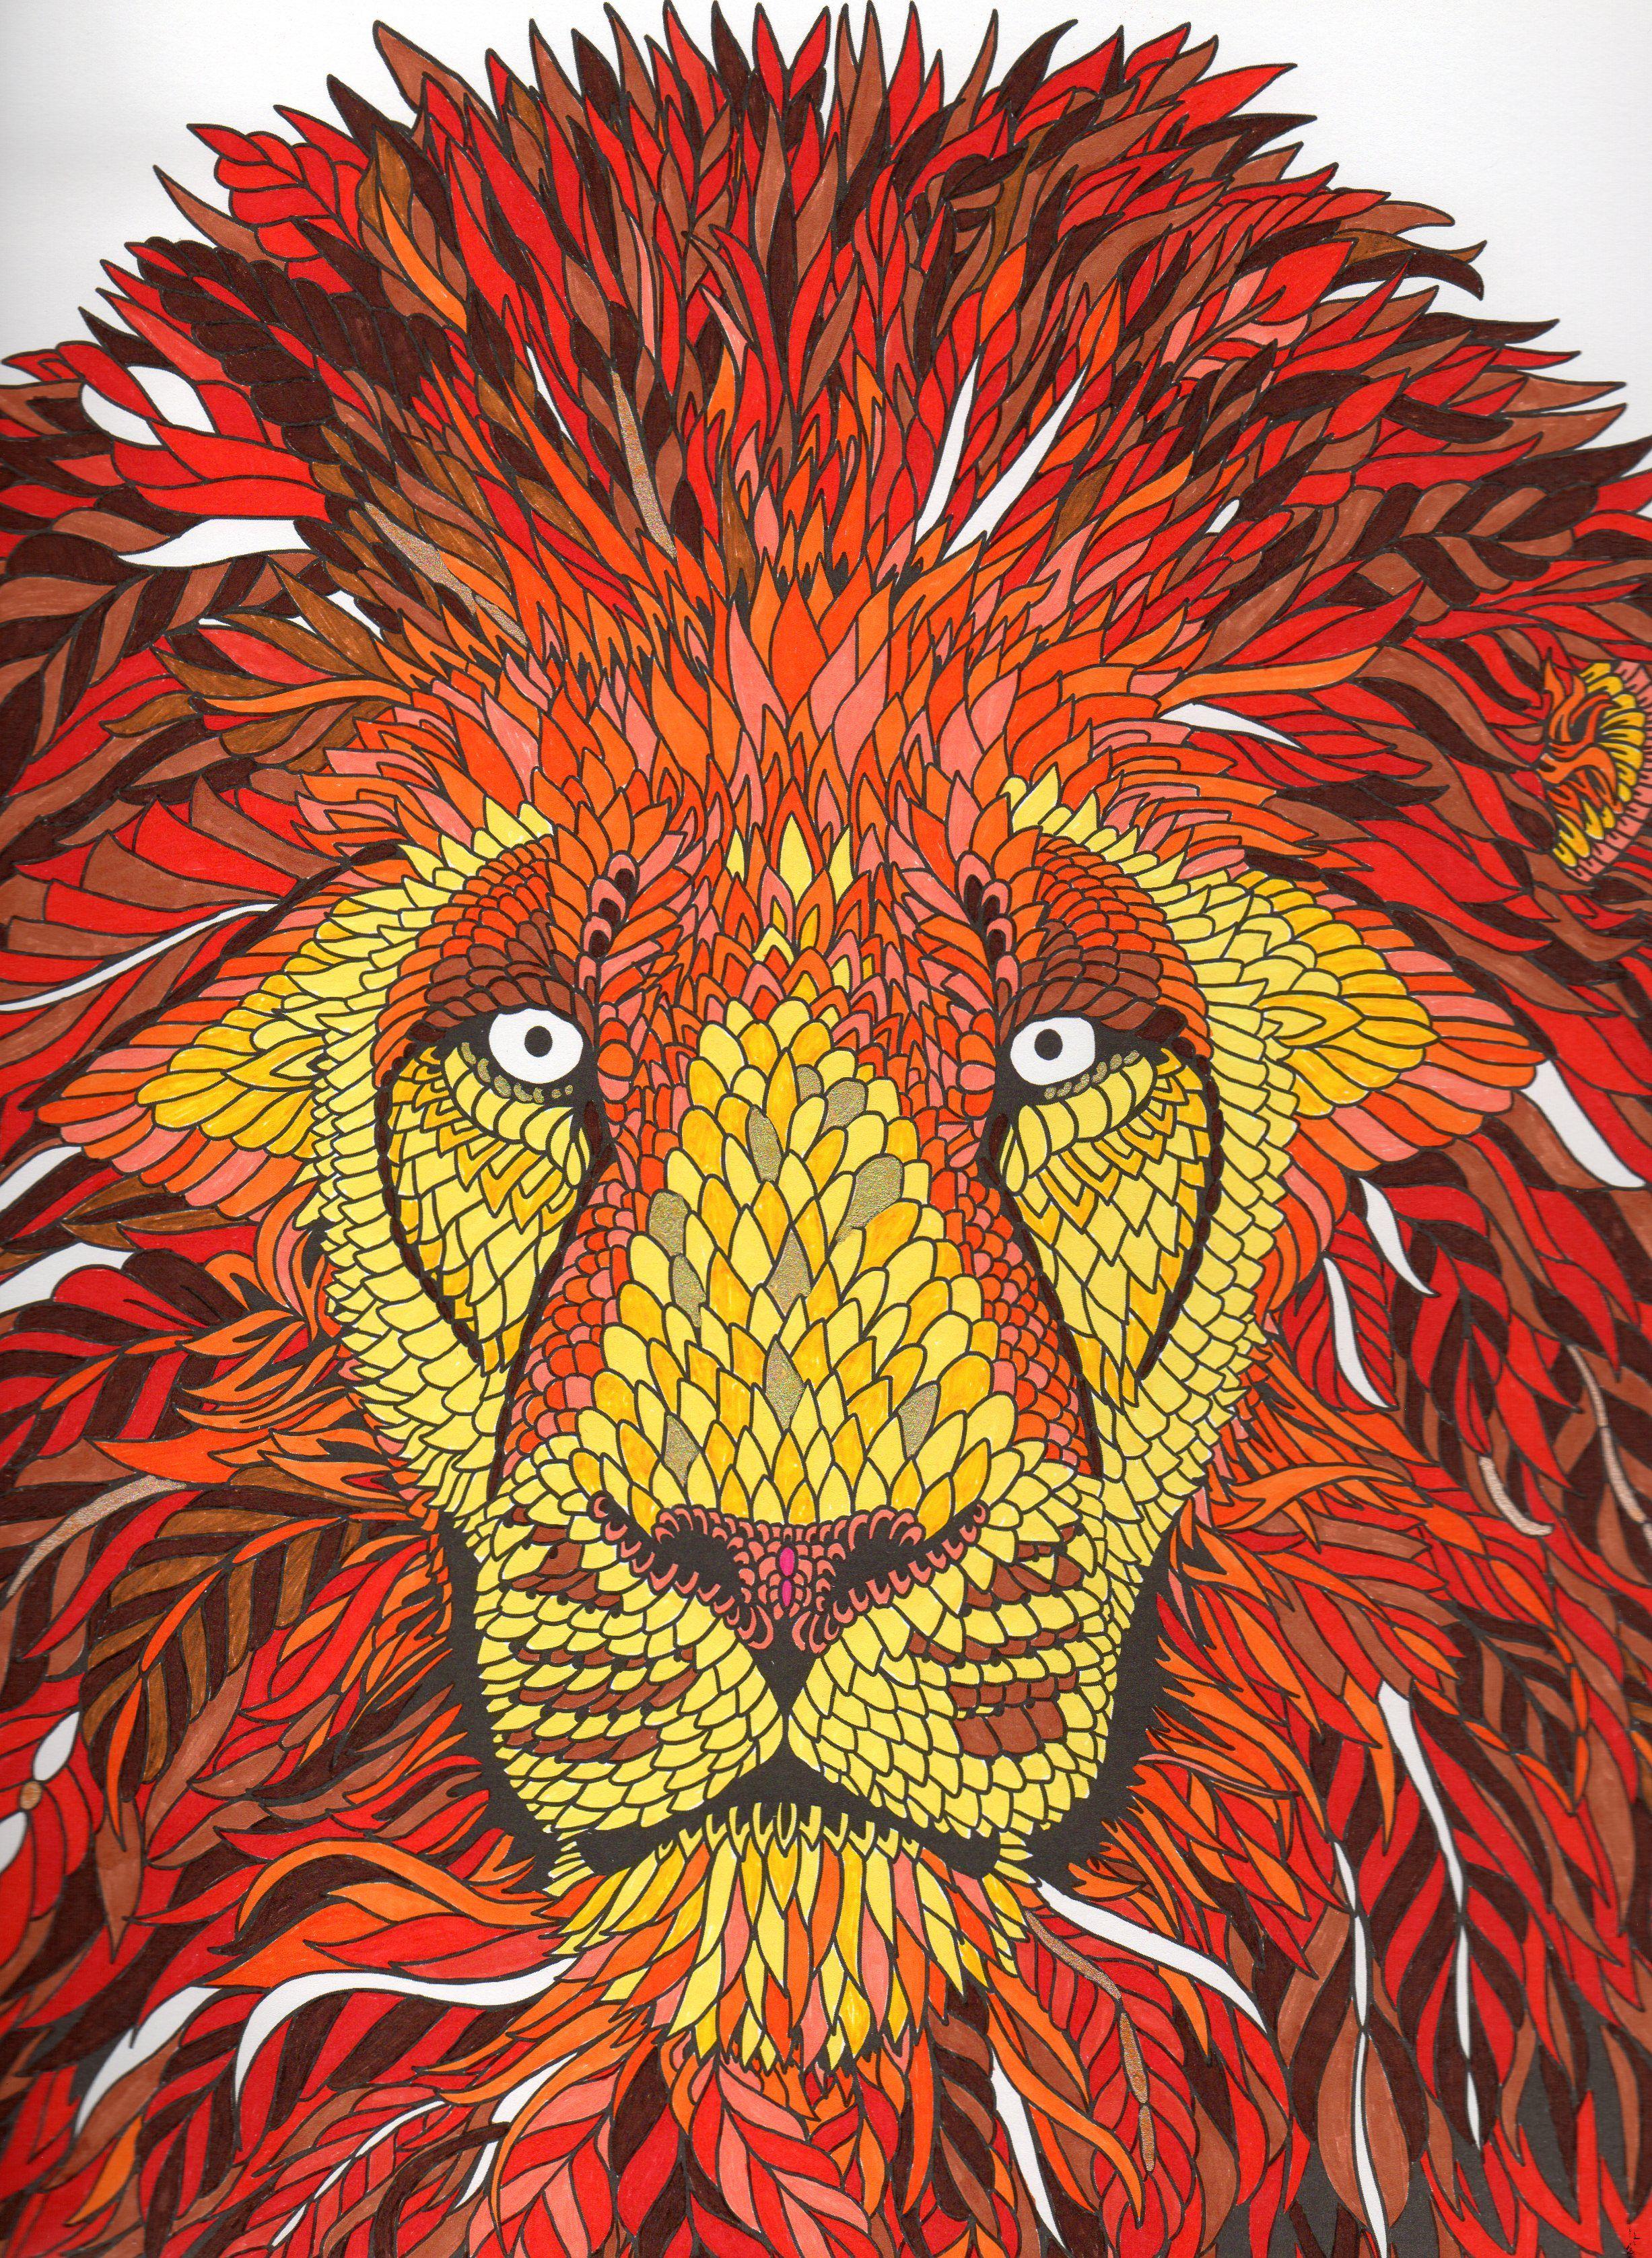 Mon lion - la ménagerie the menagerie colouring book | menagerie ...